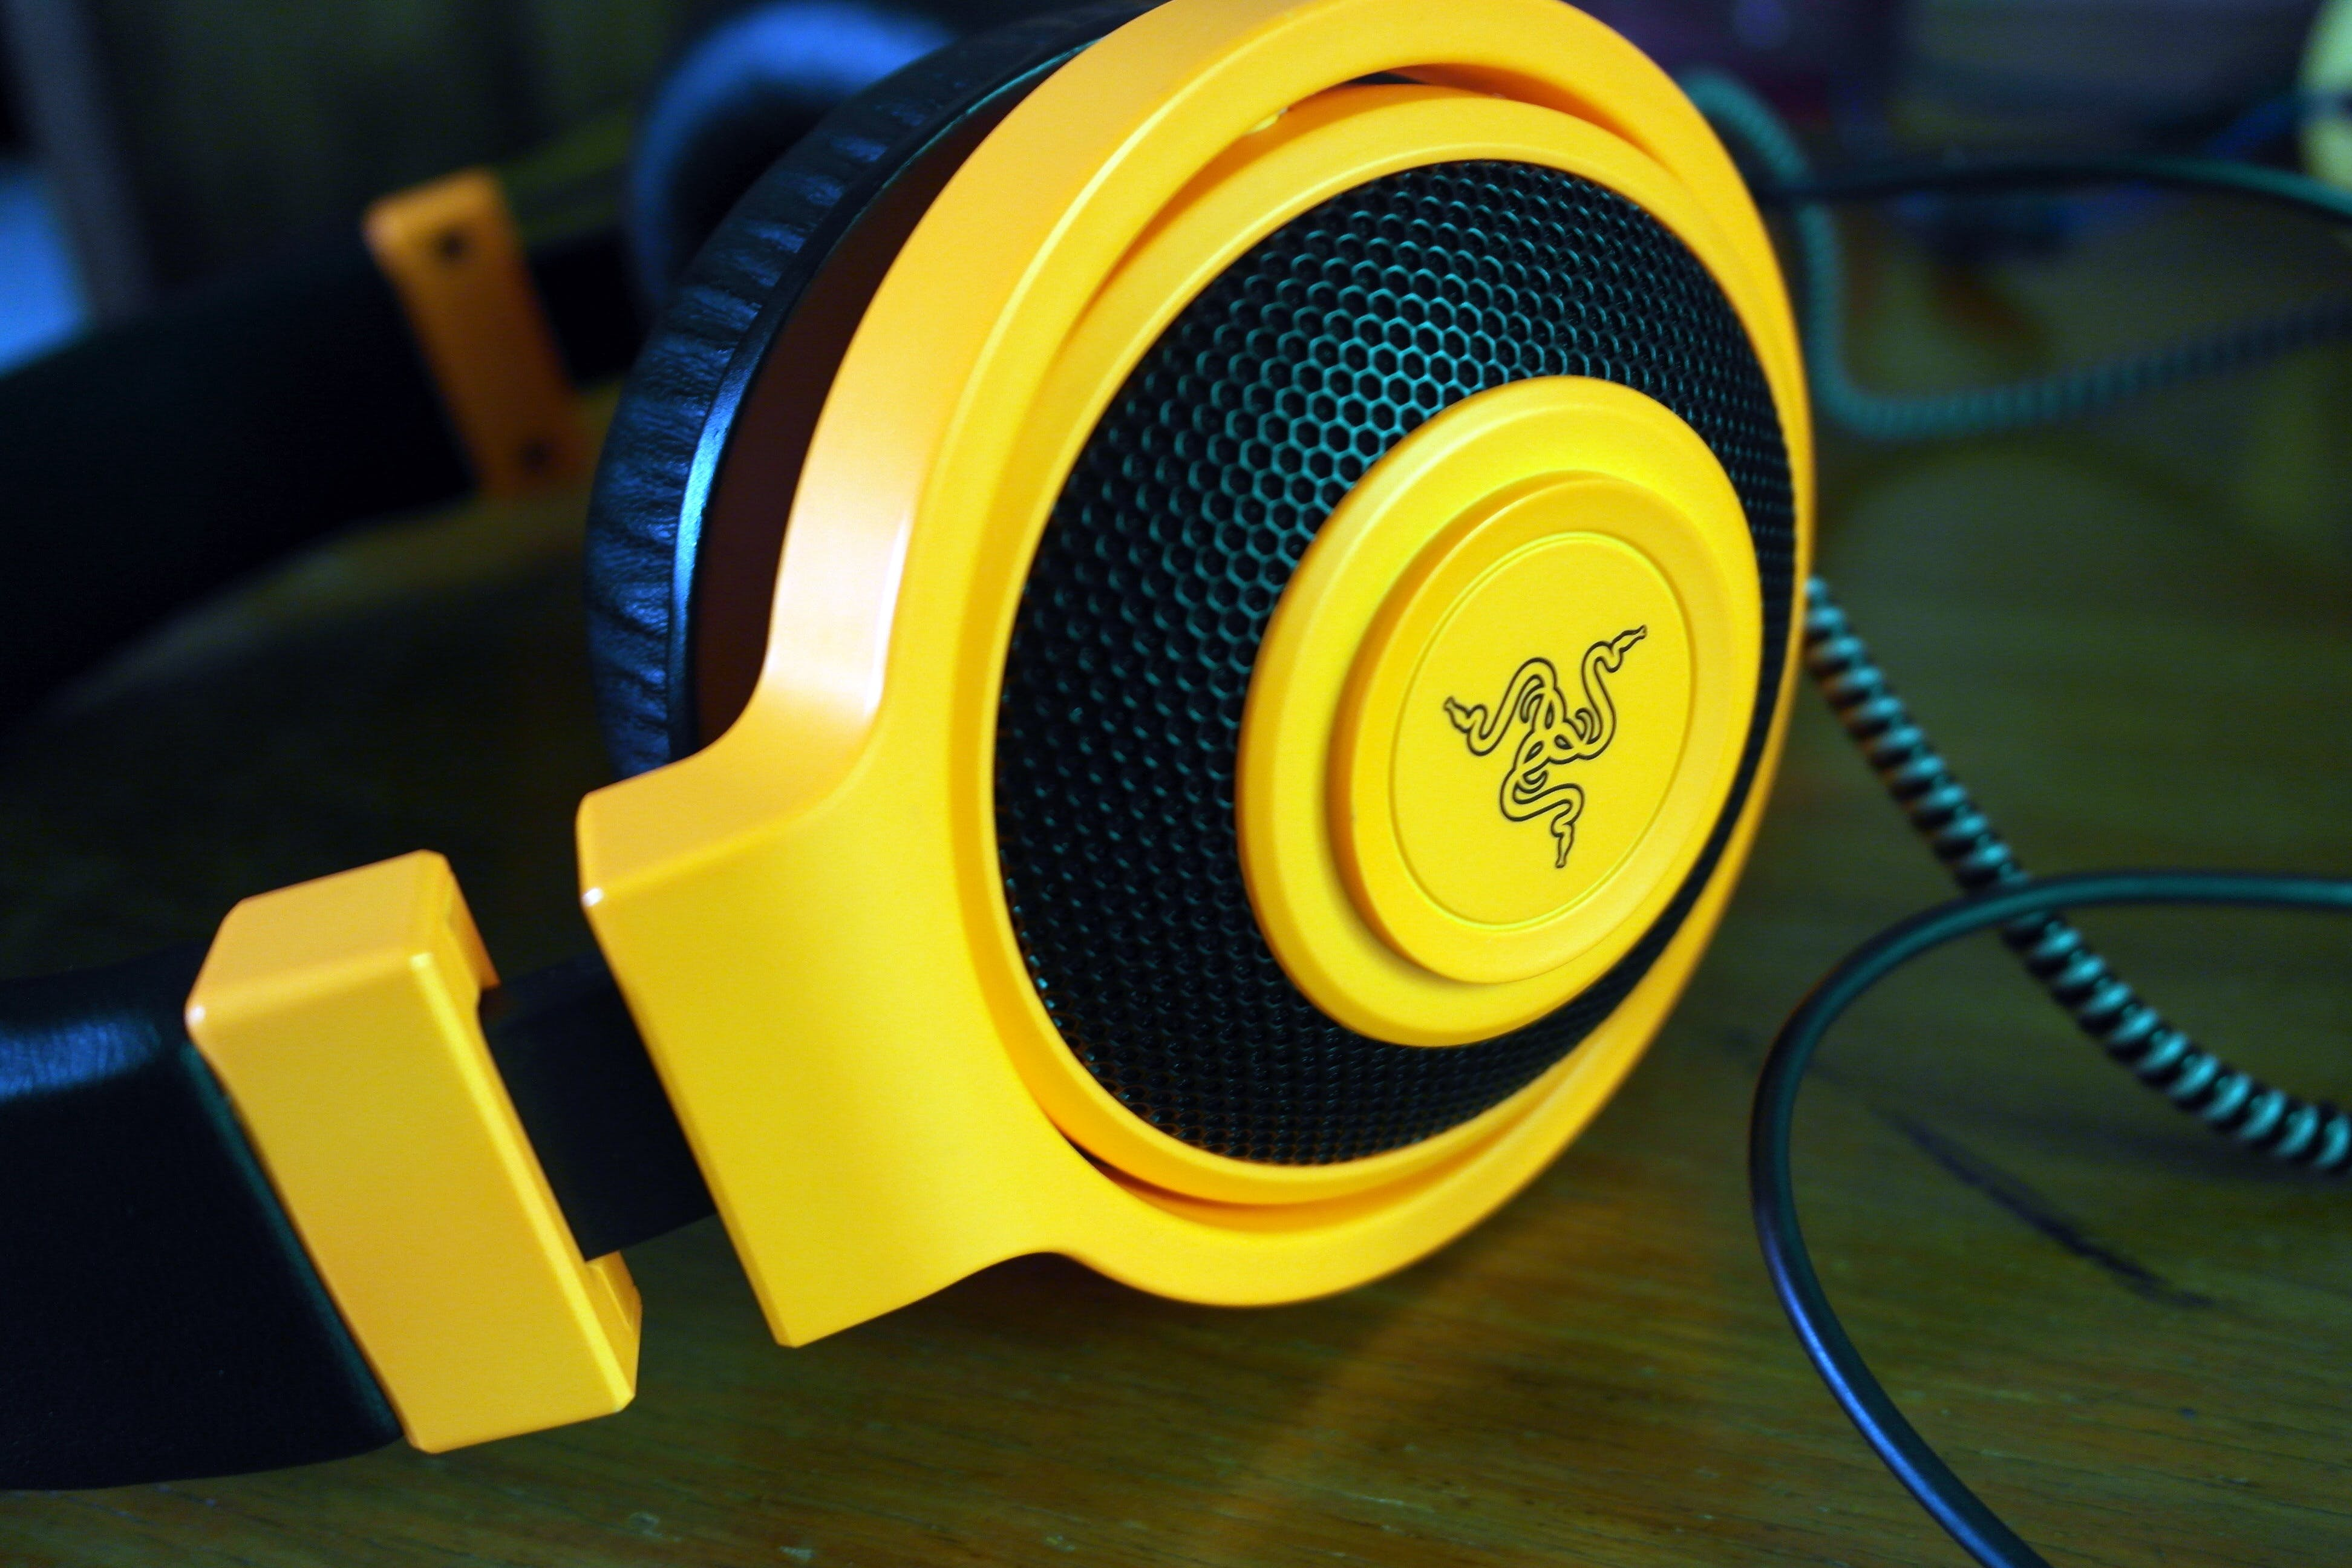 Yellow and Black Razer Corded Headphones